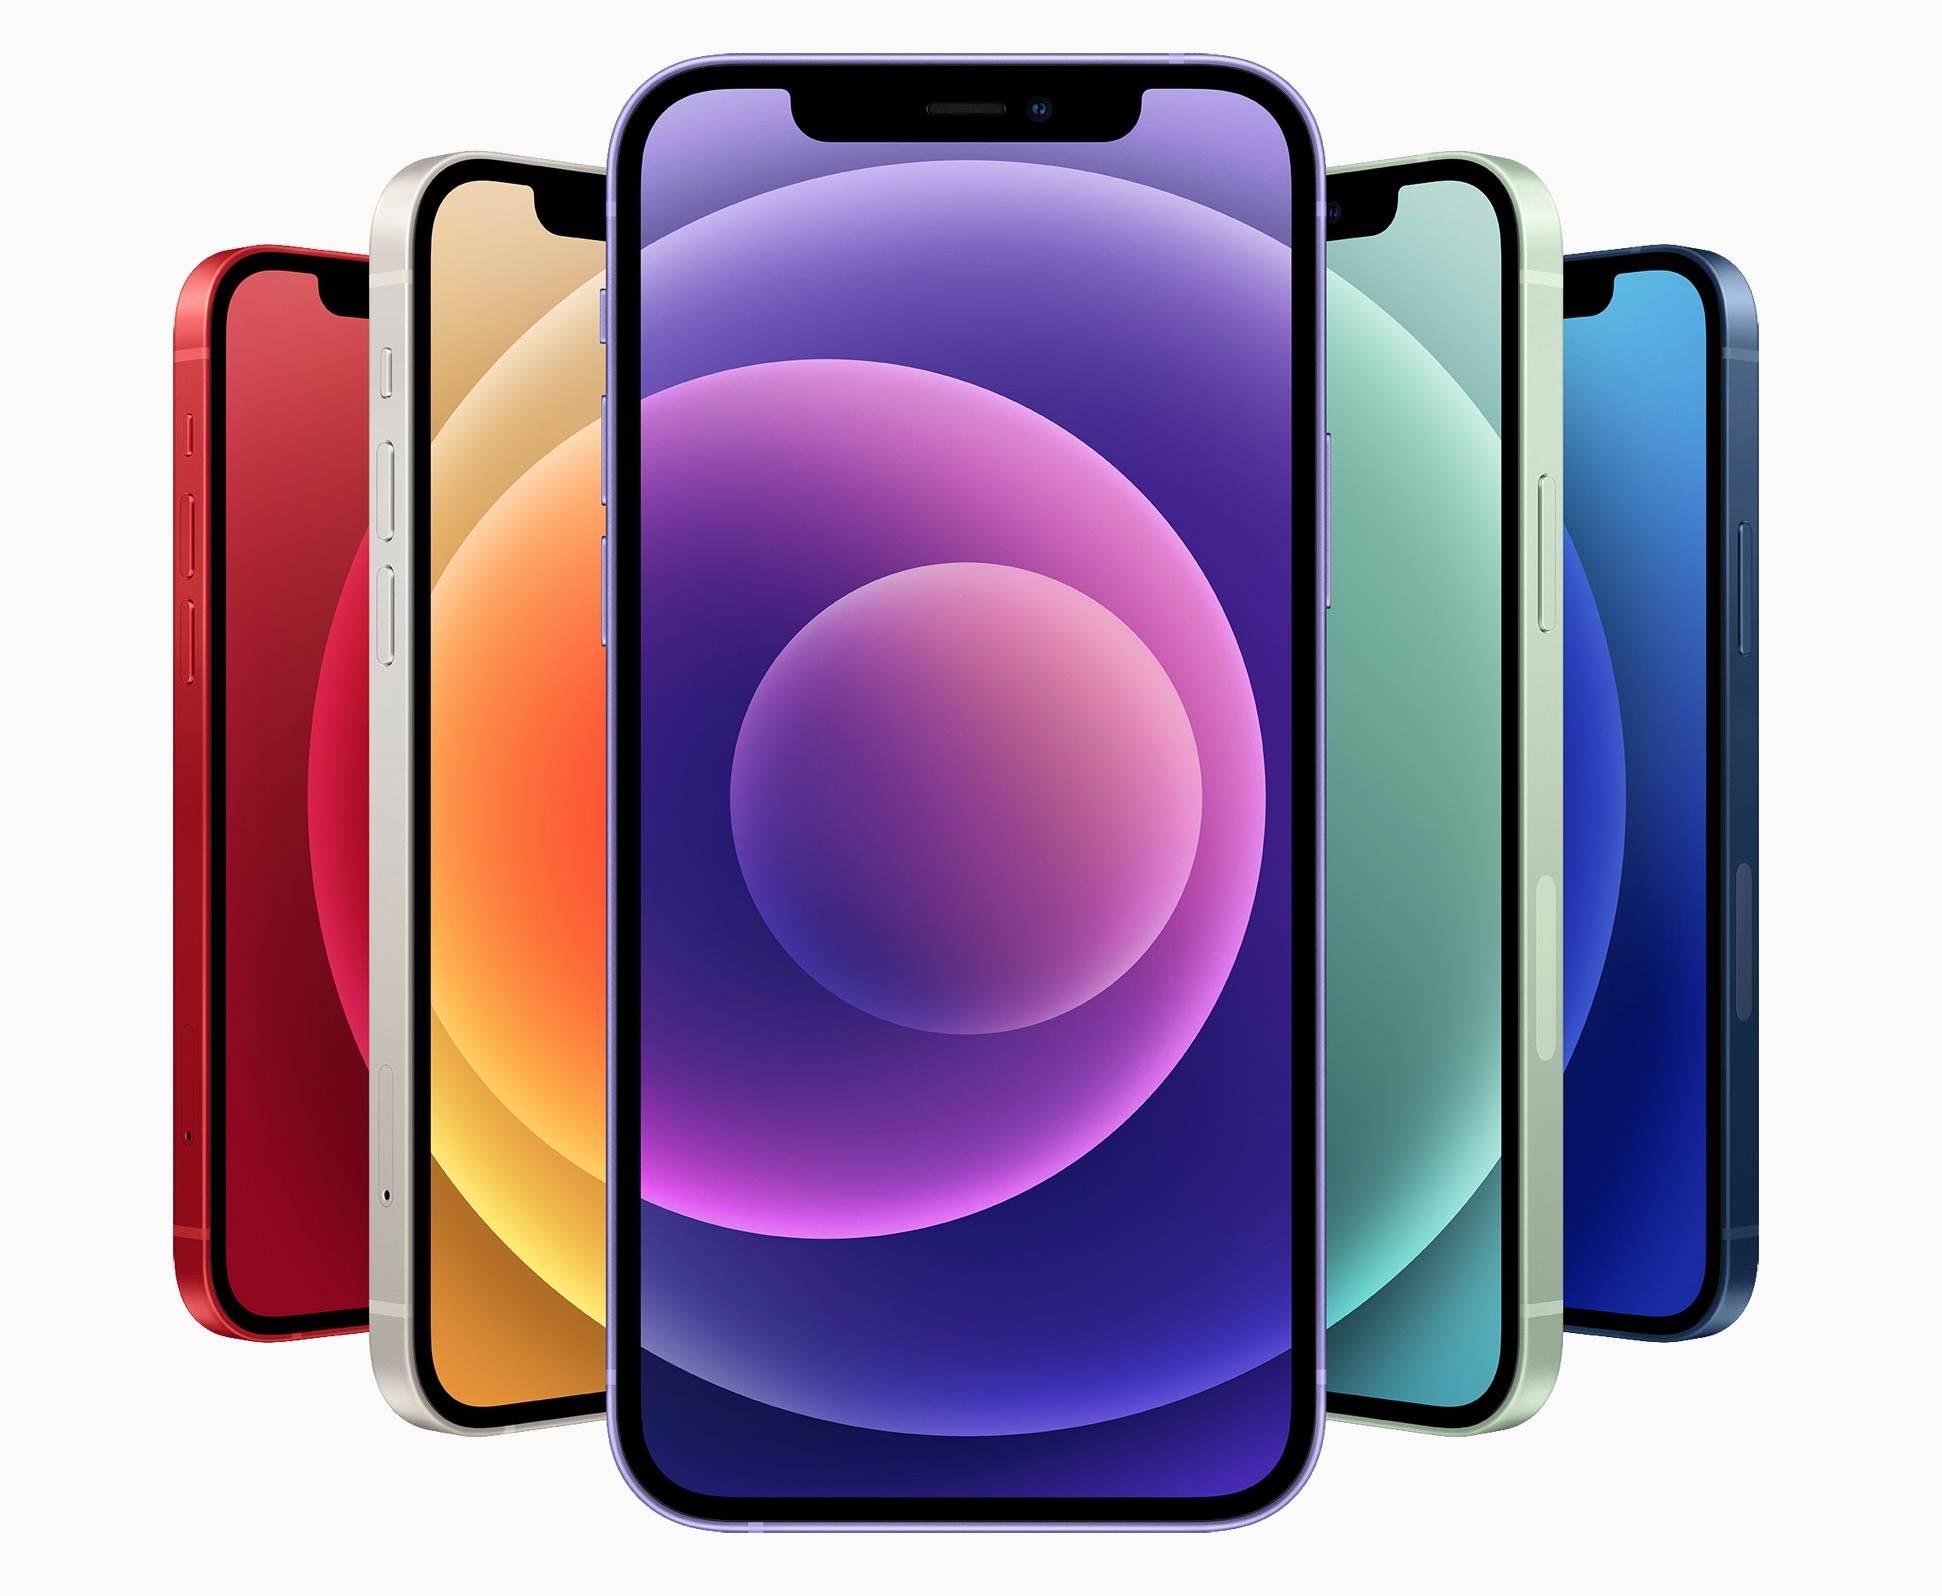 Apple przedstawia nowego fioletowego iPhone'a 12 i 12 mini polecane, ciekawostki iPhone 12, fioletowy iPhone 12 mini, fioletowy iPhone 12, Apple  Firma Apple zaprezentowała dziś nowego iPhone'a 12 i iPhone'a 12 mini w nowym fioletowym kolorze. Urządzenie będzie można kupić w przedsprzedaży już w najbliższy piątek. iPhone12 fioletowy